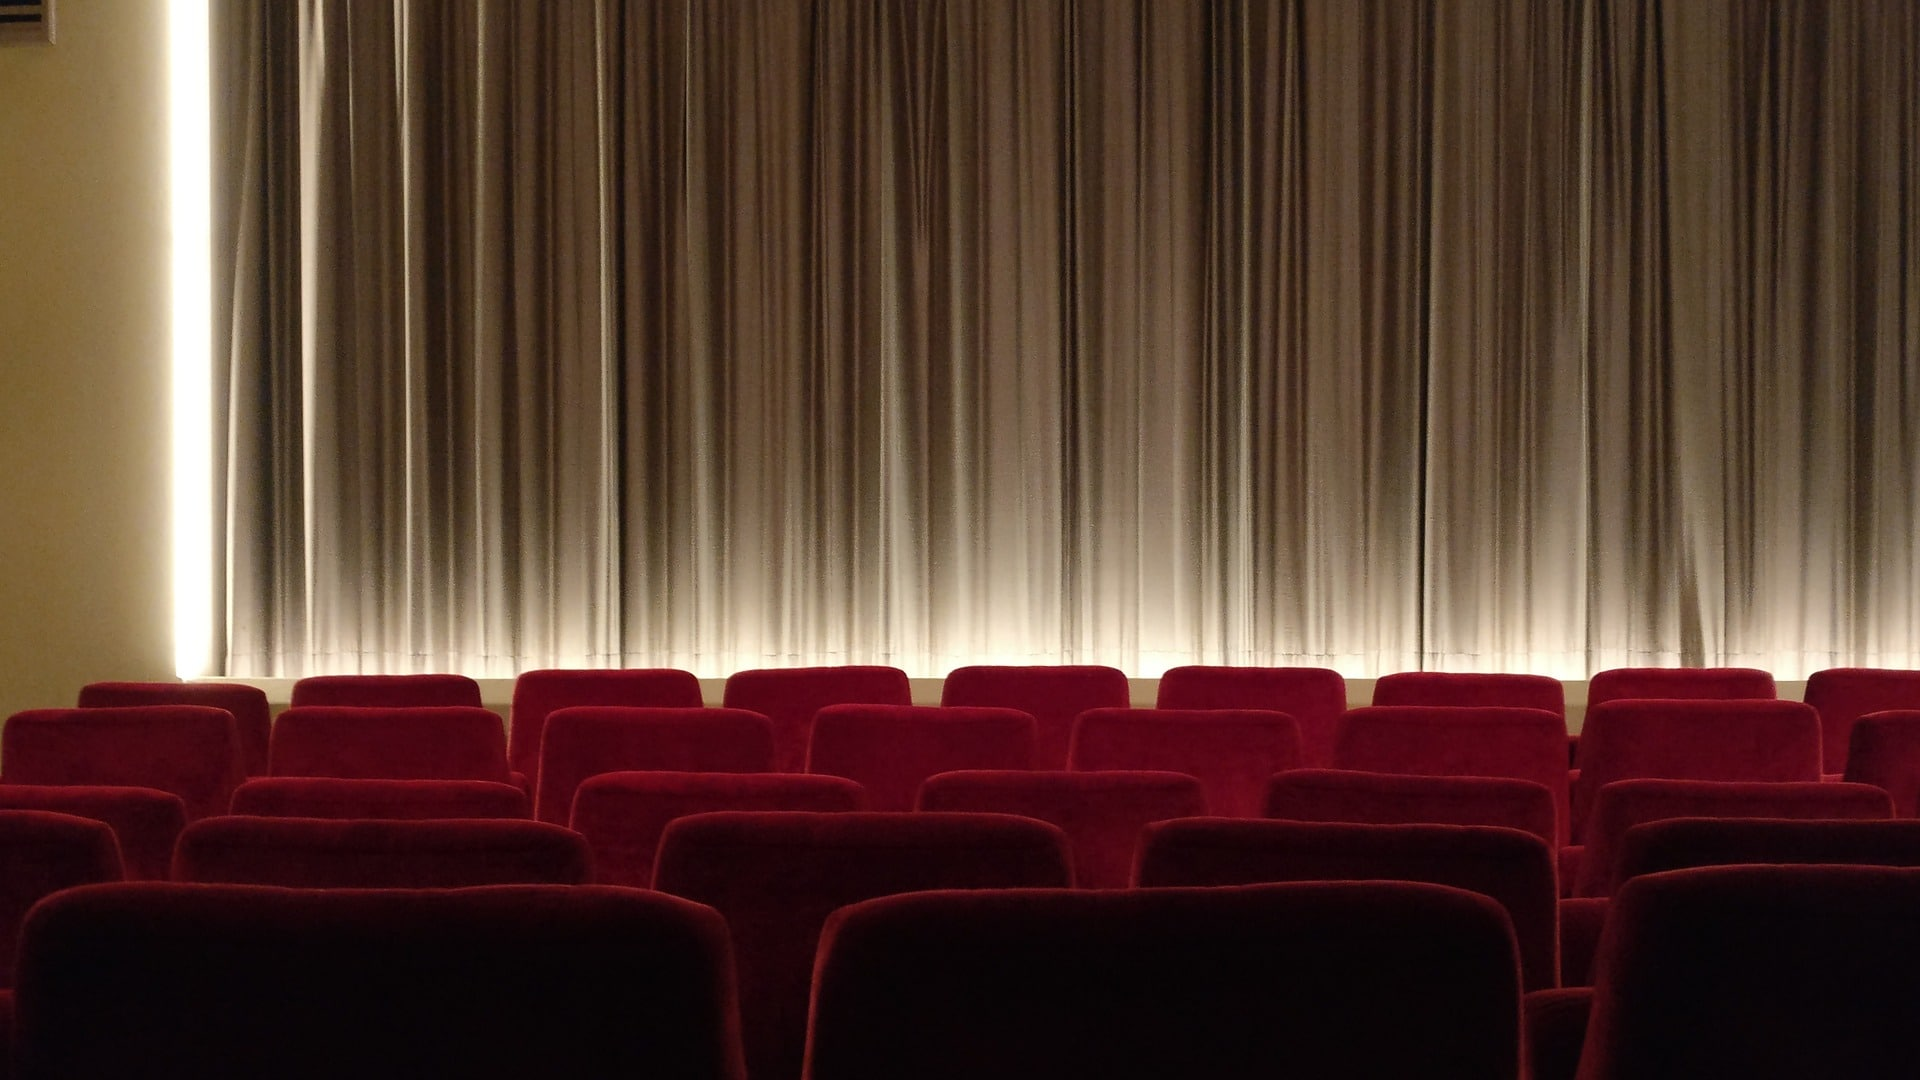 picture of cinema auditorium